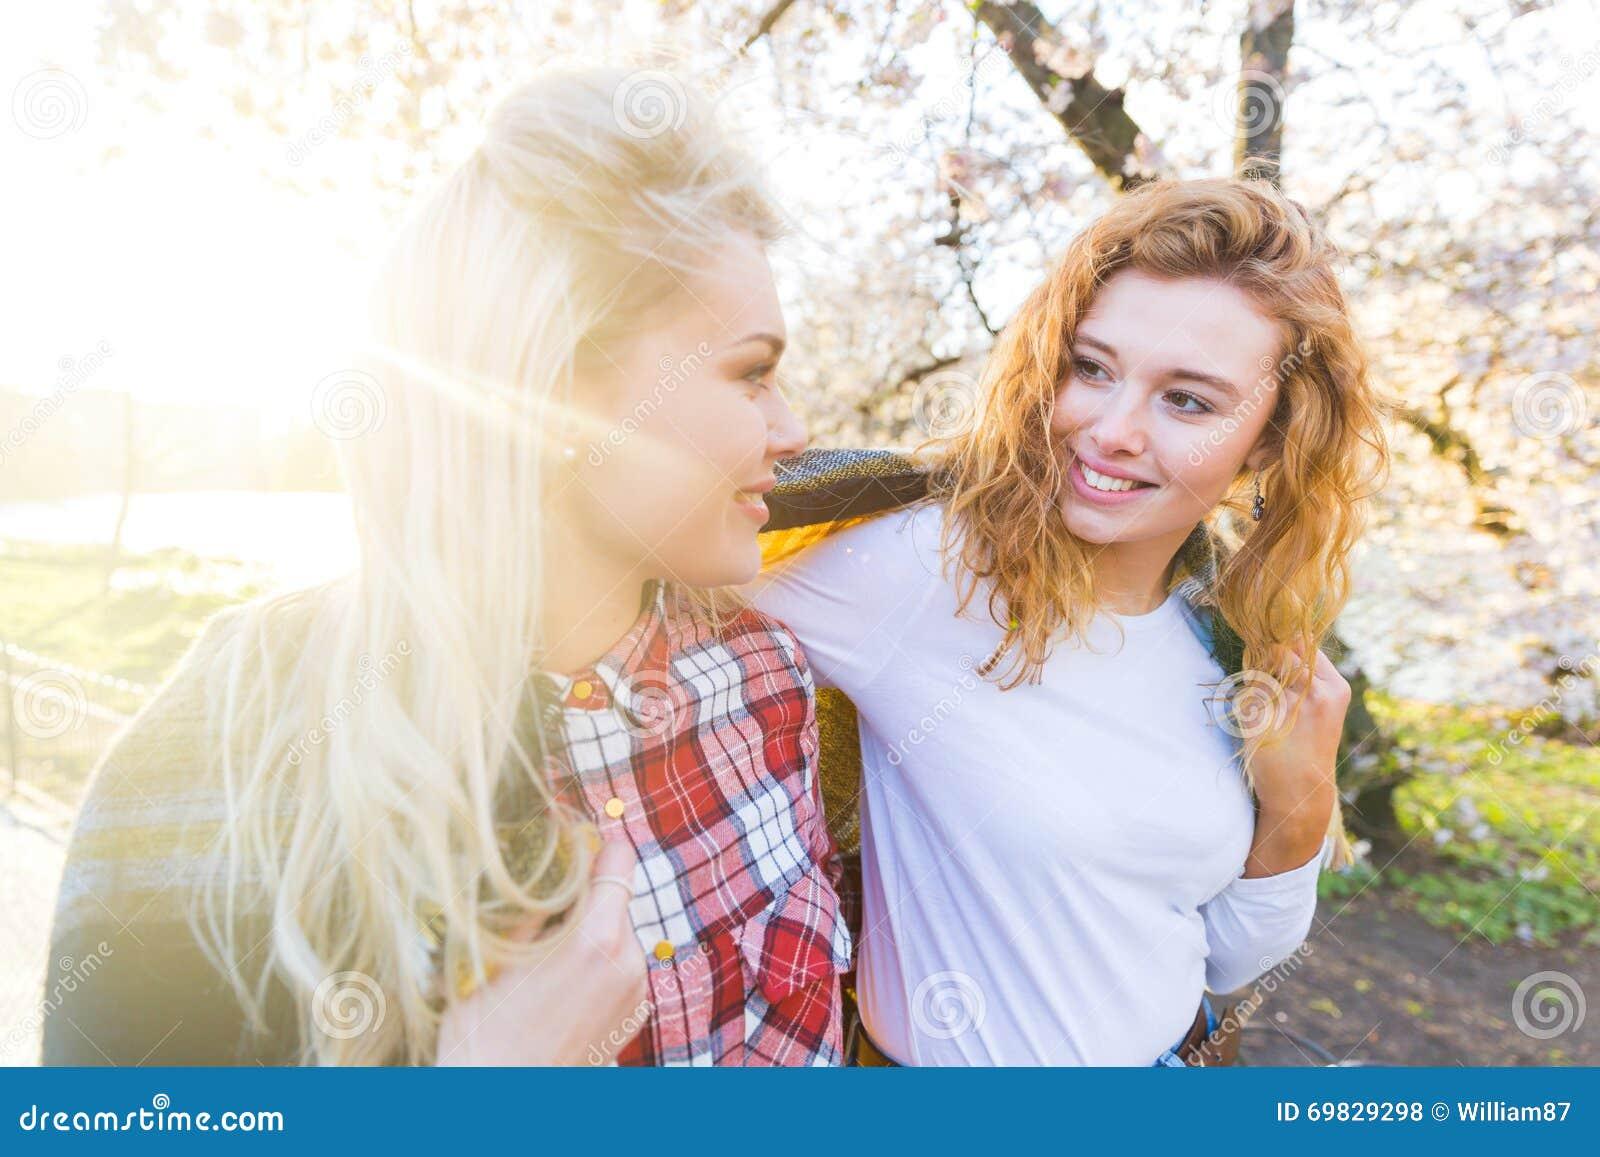 Zwei lesbische Mädchen — bild 2